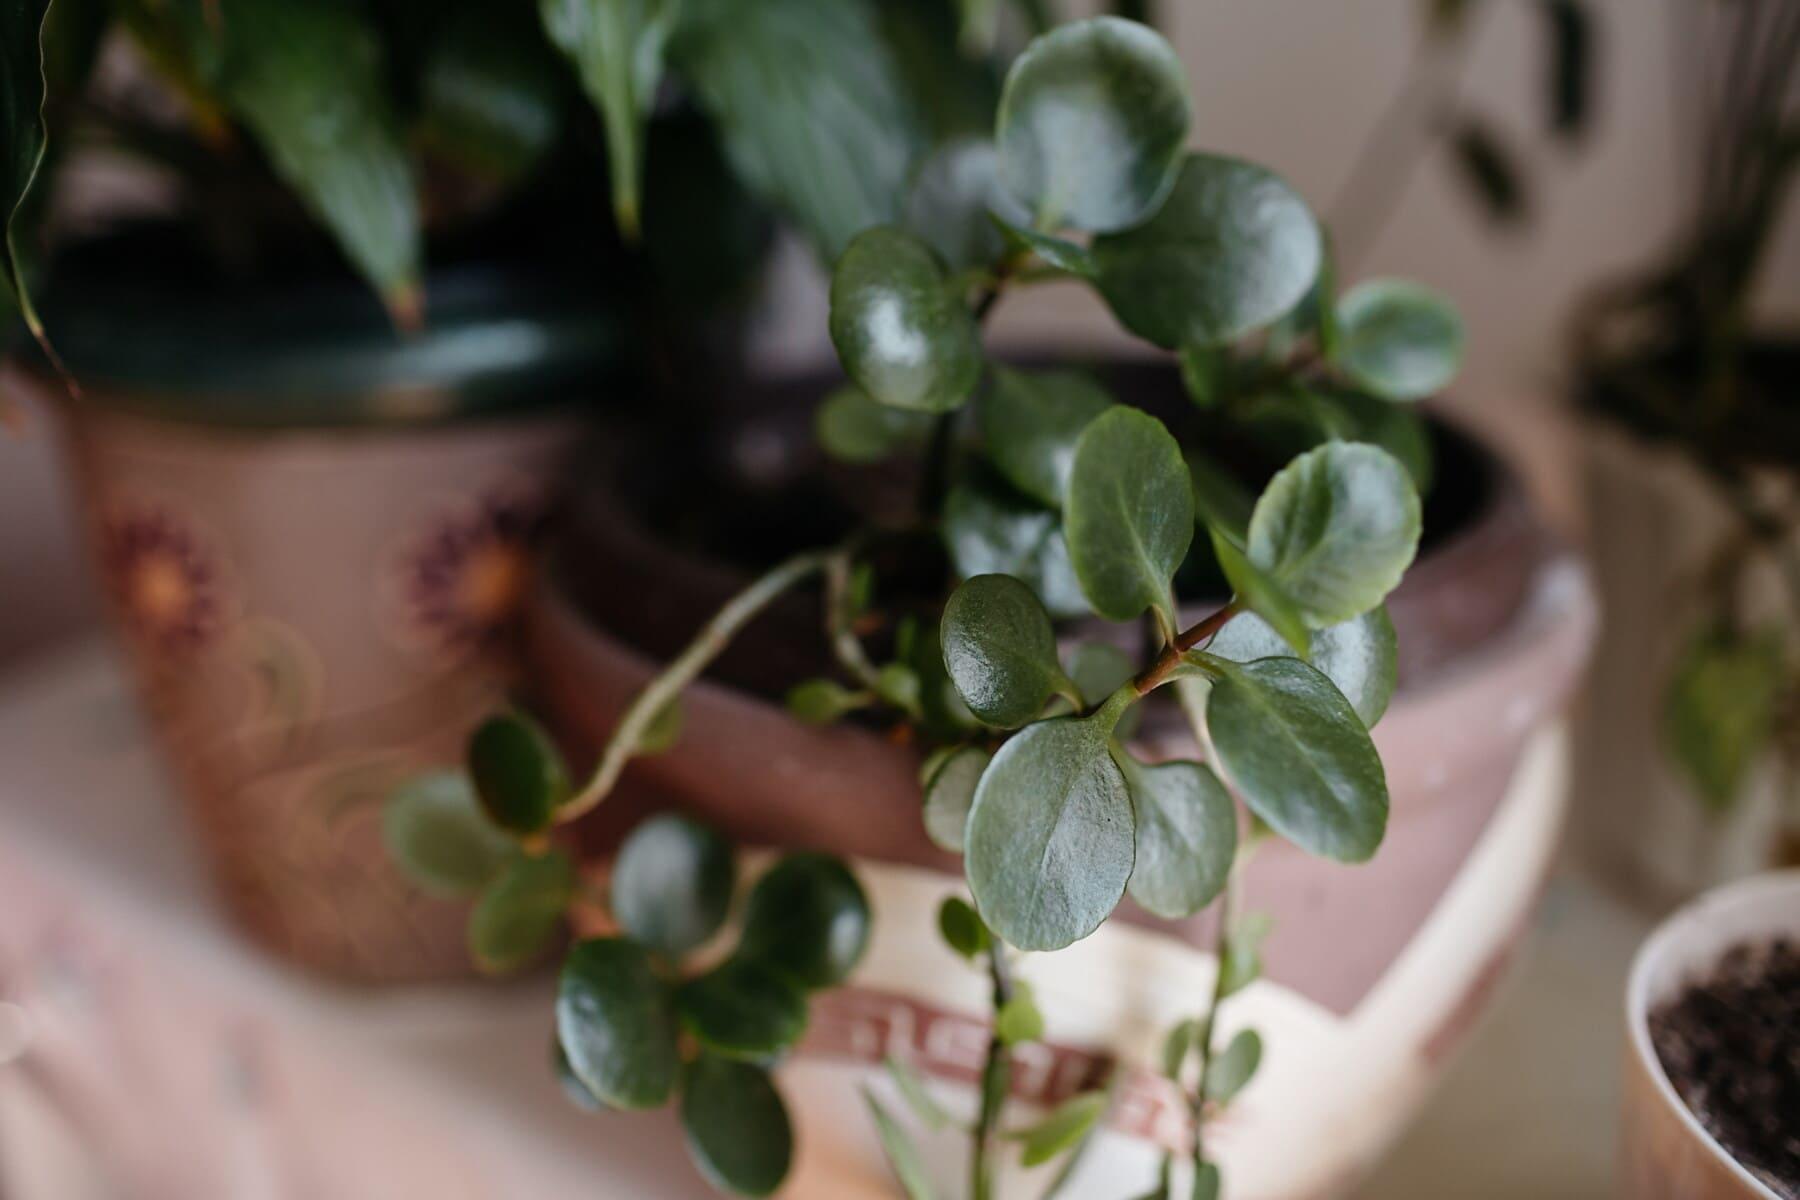 녹색 잎, 잎, 화분, 꽃, 가 까이 서, 포커스, 플로 라, 허브, 공장, 꽃